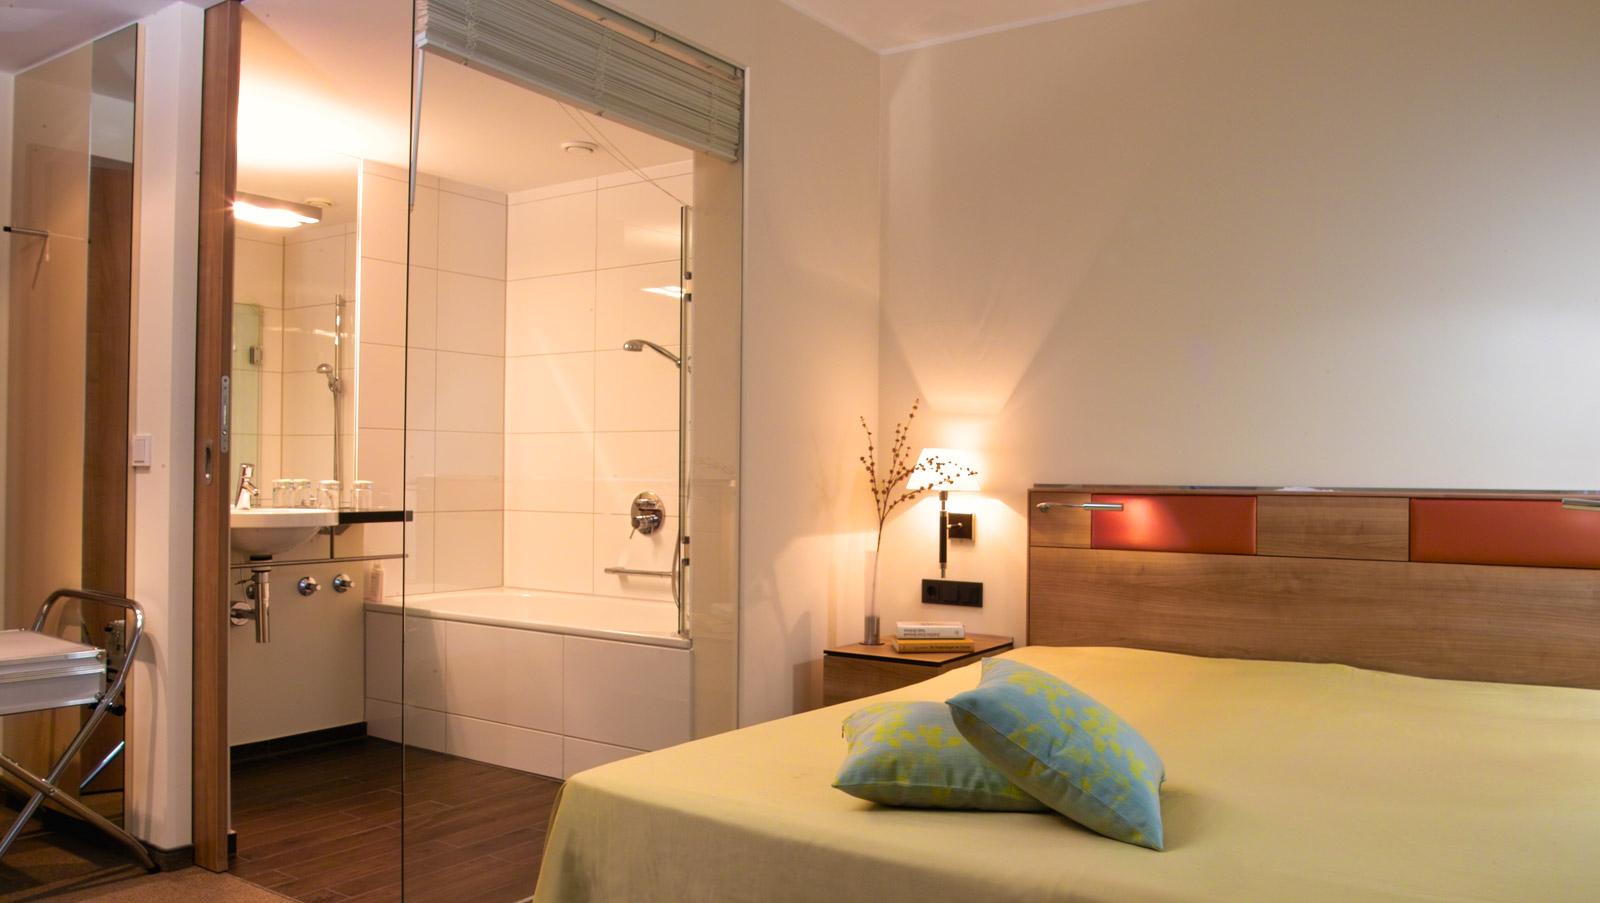 Gewaltig Innenarchitektur Nürnberg Galerie Von Hotelzimmer Mit Doppelbett Und Einsehbares Bad